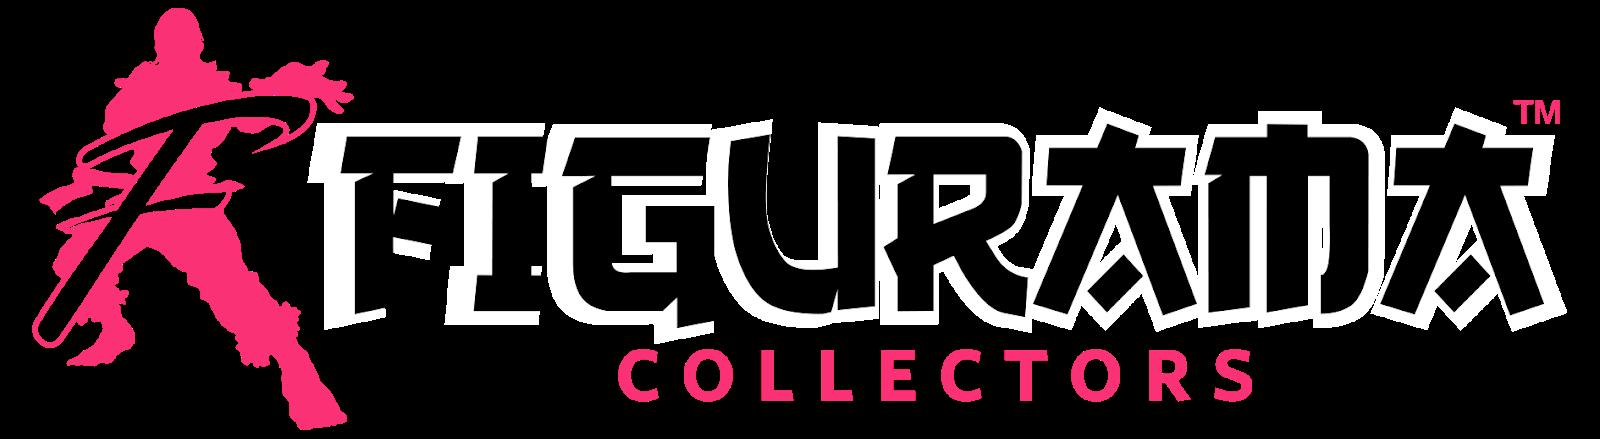 Figurama Collectors